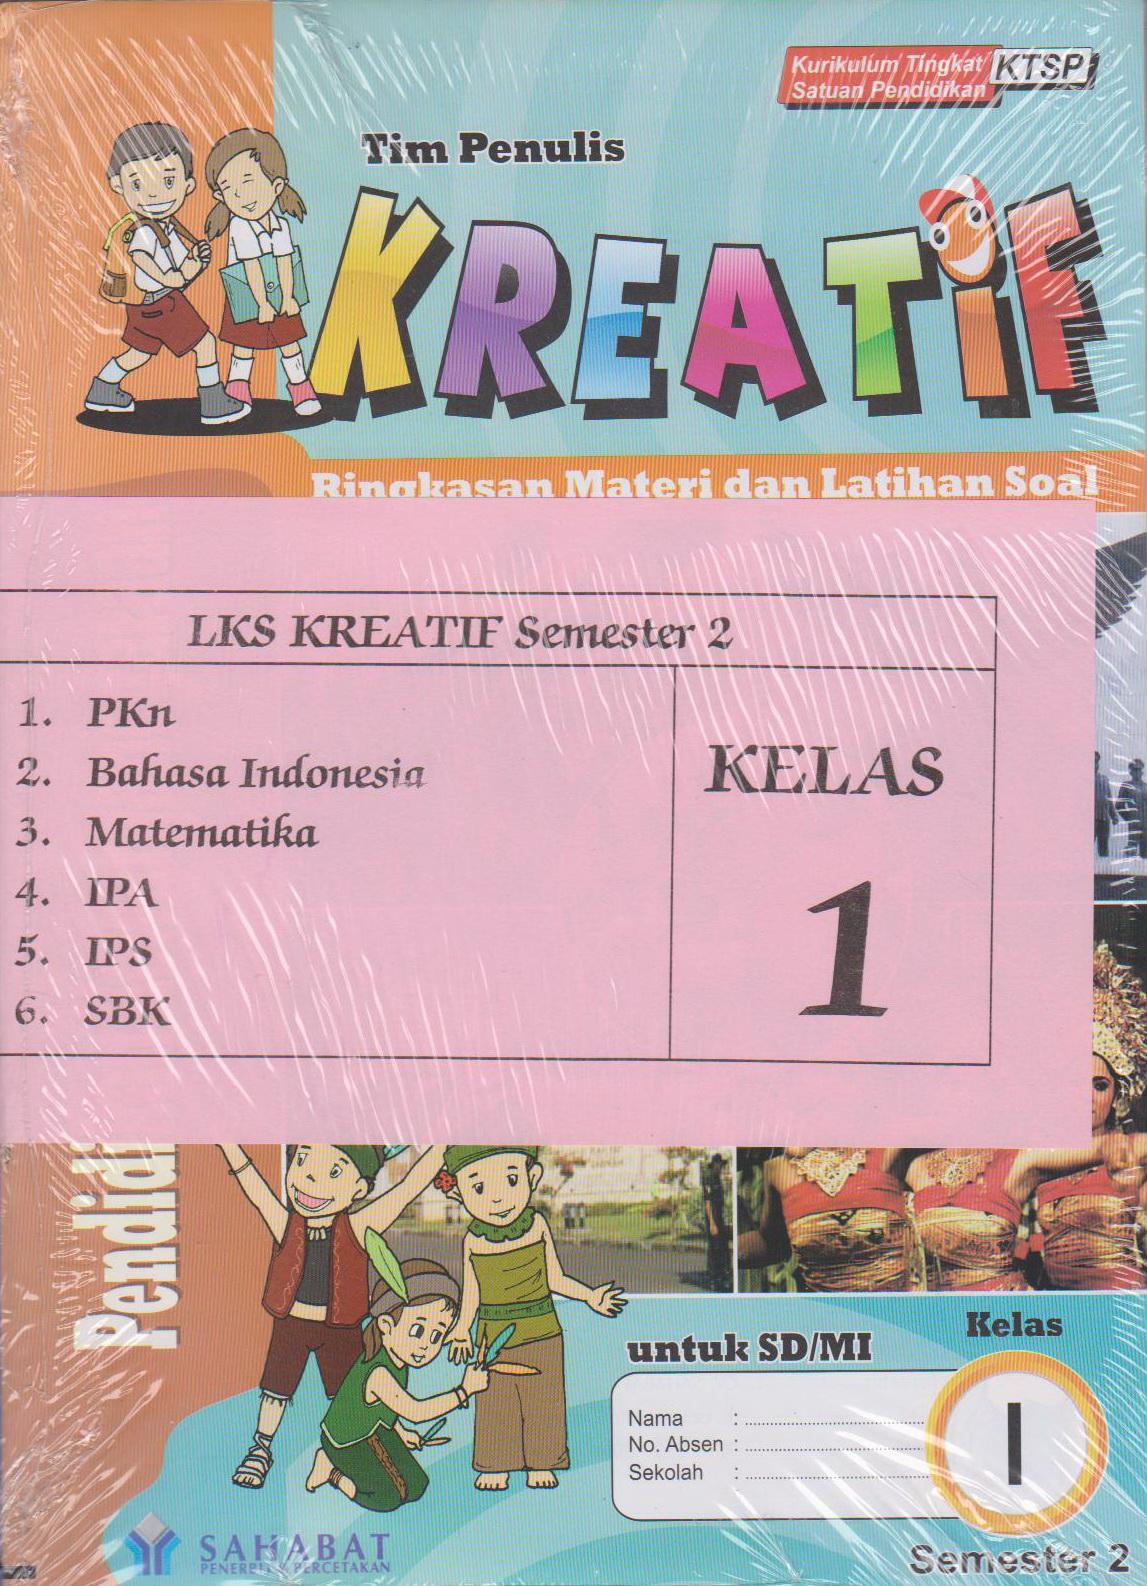 Soal Uts Sd Kelas 1 Bahasa Indonesia Soal Bahasa Jawa Sd Kelas 2 Soal Soal Uts Bahasa Jawa Sd